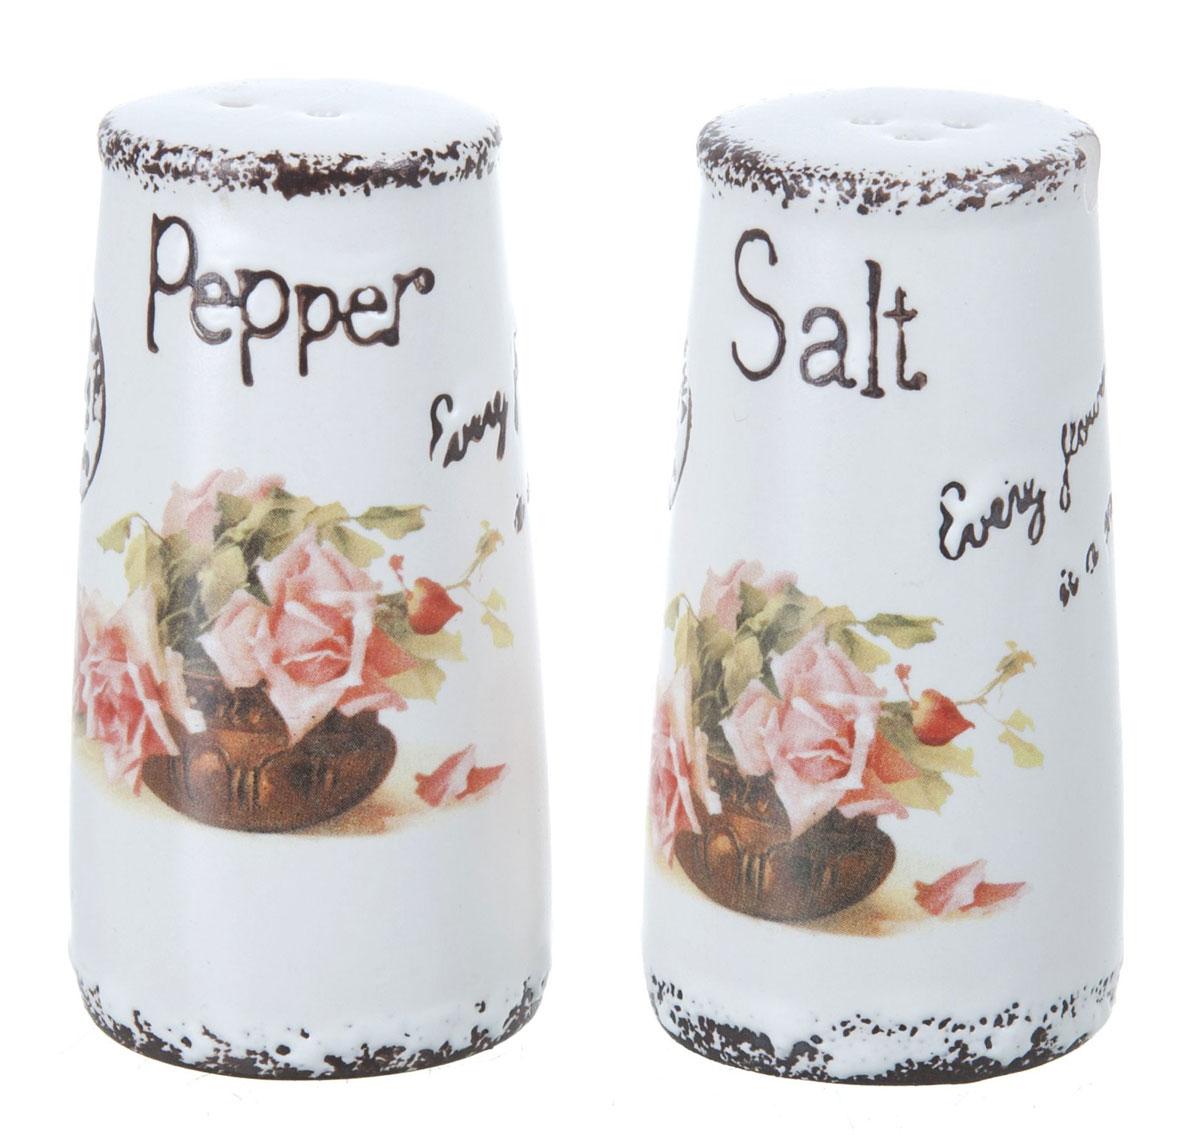 Набор для специй ENS Group Чайная роза, 2 предмета1373-0Набор для соли и перца, выполненный из керамики, благодаря своим компактным размерам не займет много места на вашей кухне. Солонка и перечница декорированы оригинальным рисунком. Набор для соли и перца станет отличным подарком каждой хозяйке.